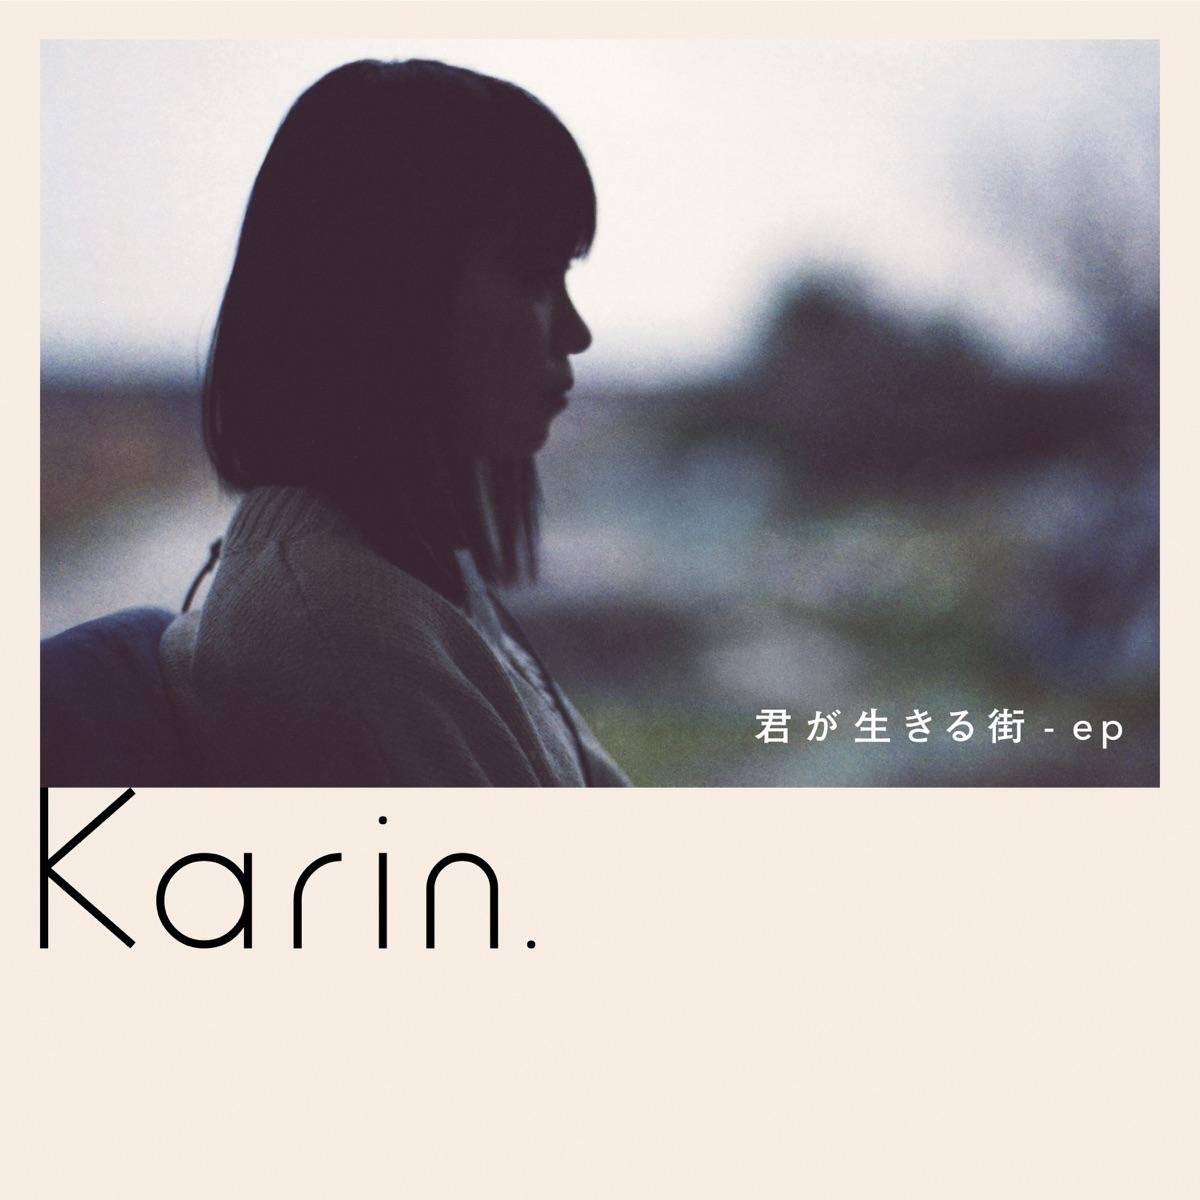 『Karin. - はないちもんめ』収録の『君が生きる街 - ep』ジャケット